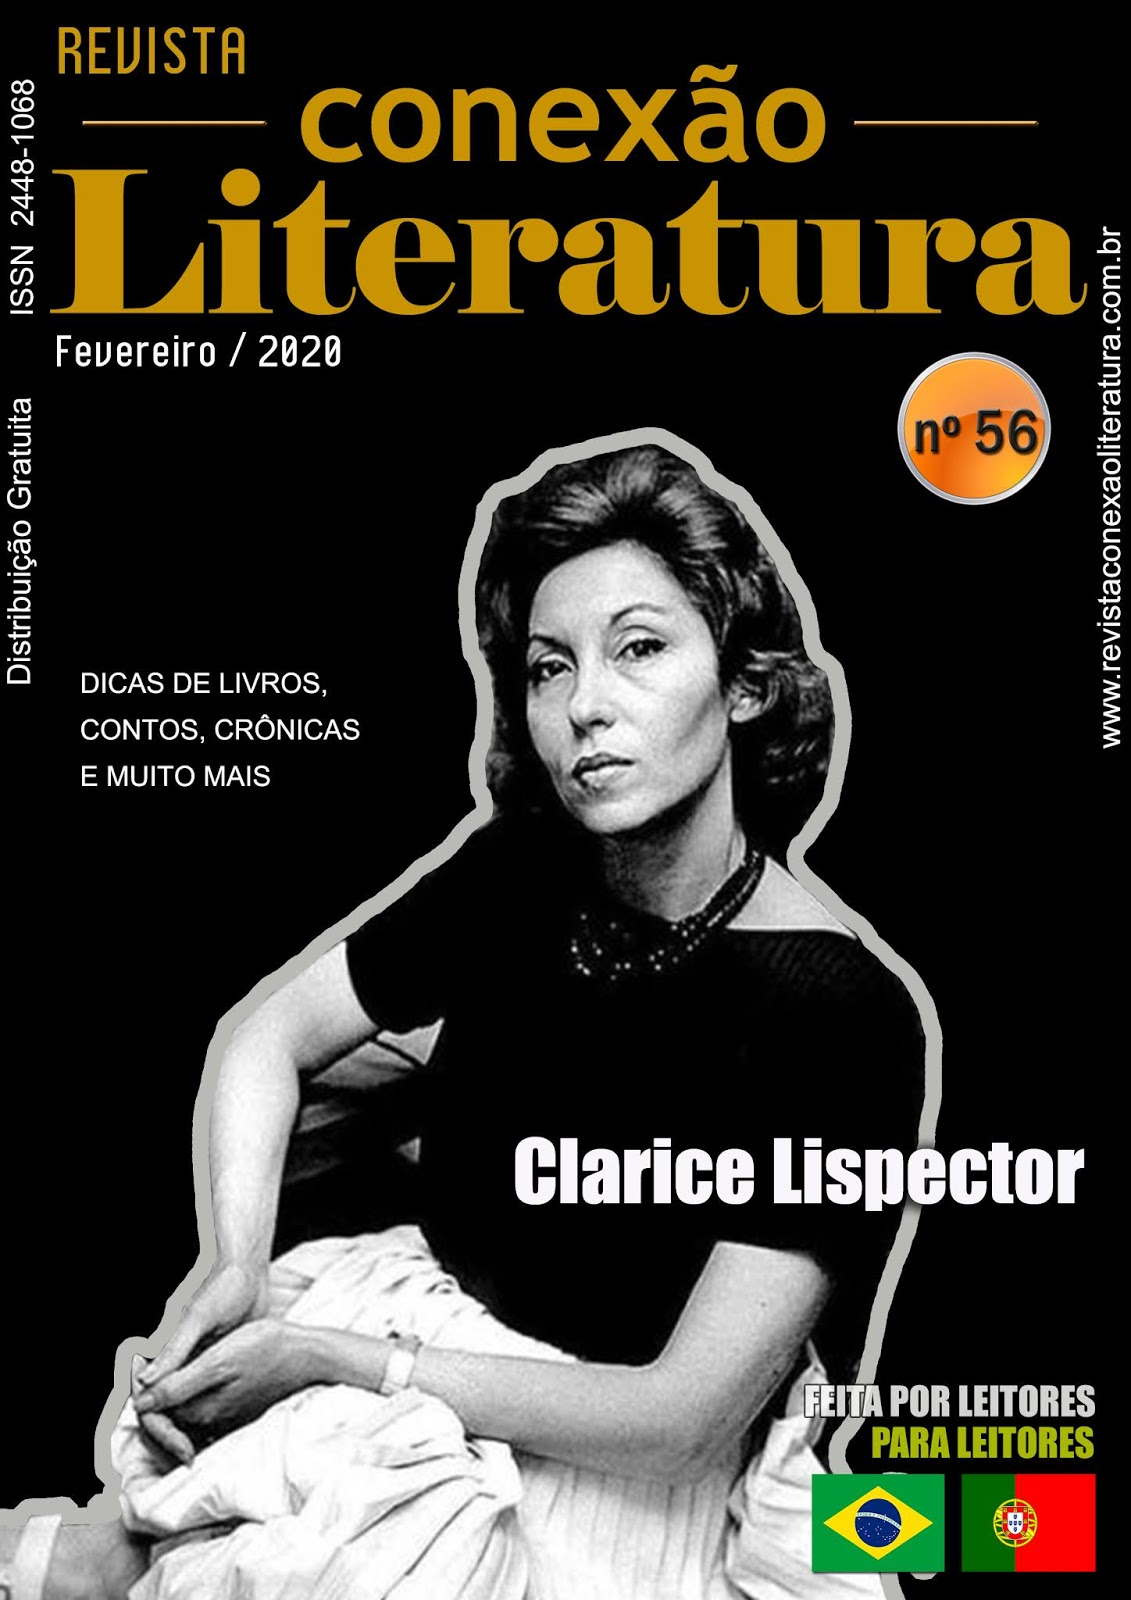 Revista Conexão Literatura - N° 56 Fevereiro/2020 - Livreando